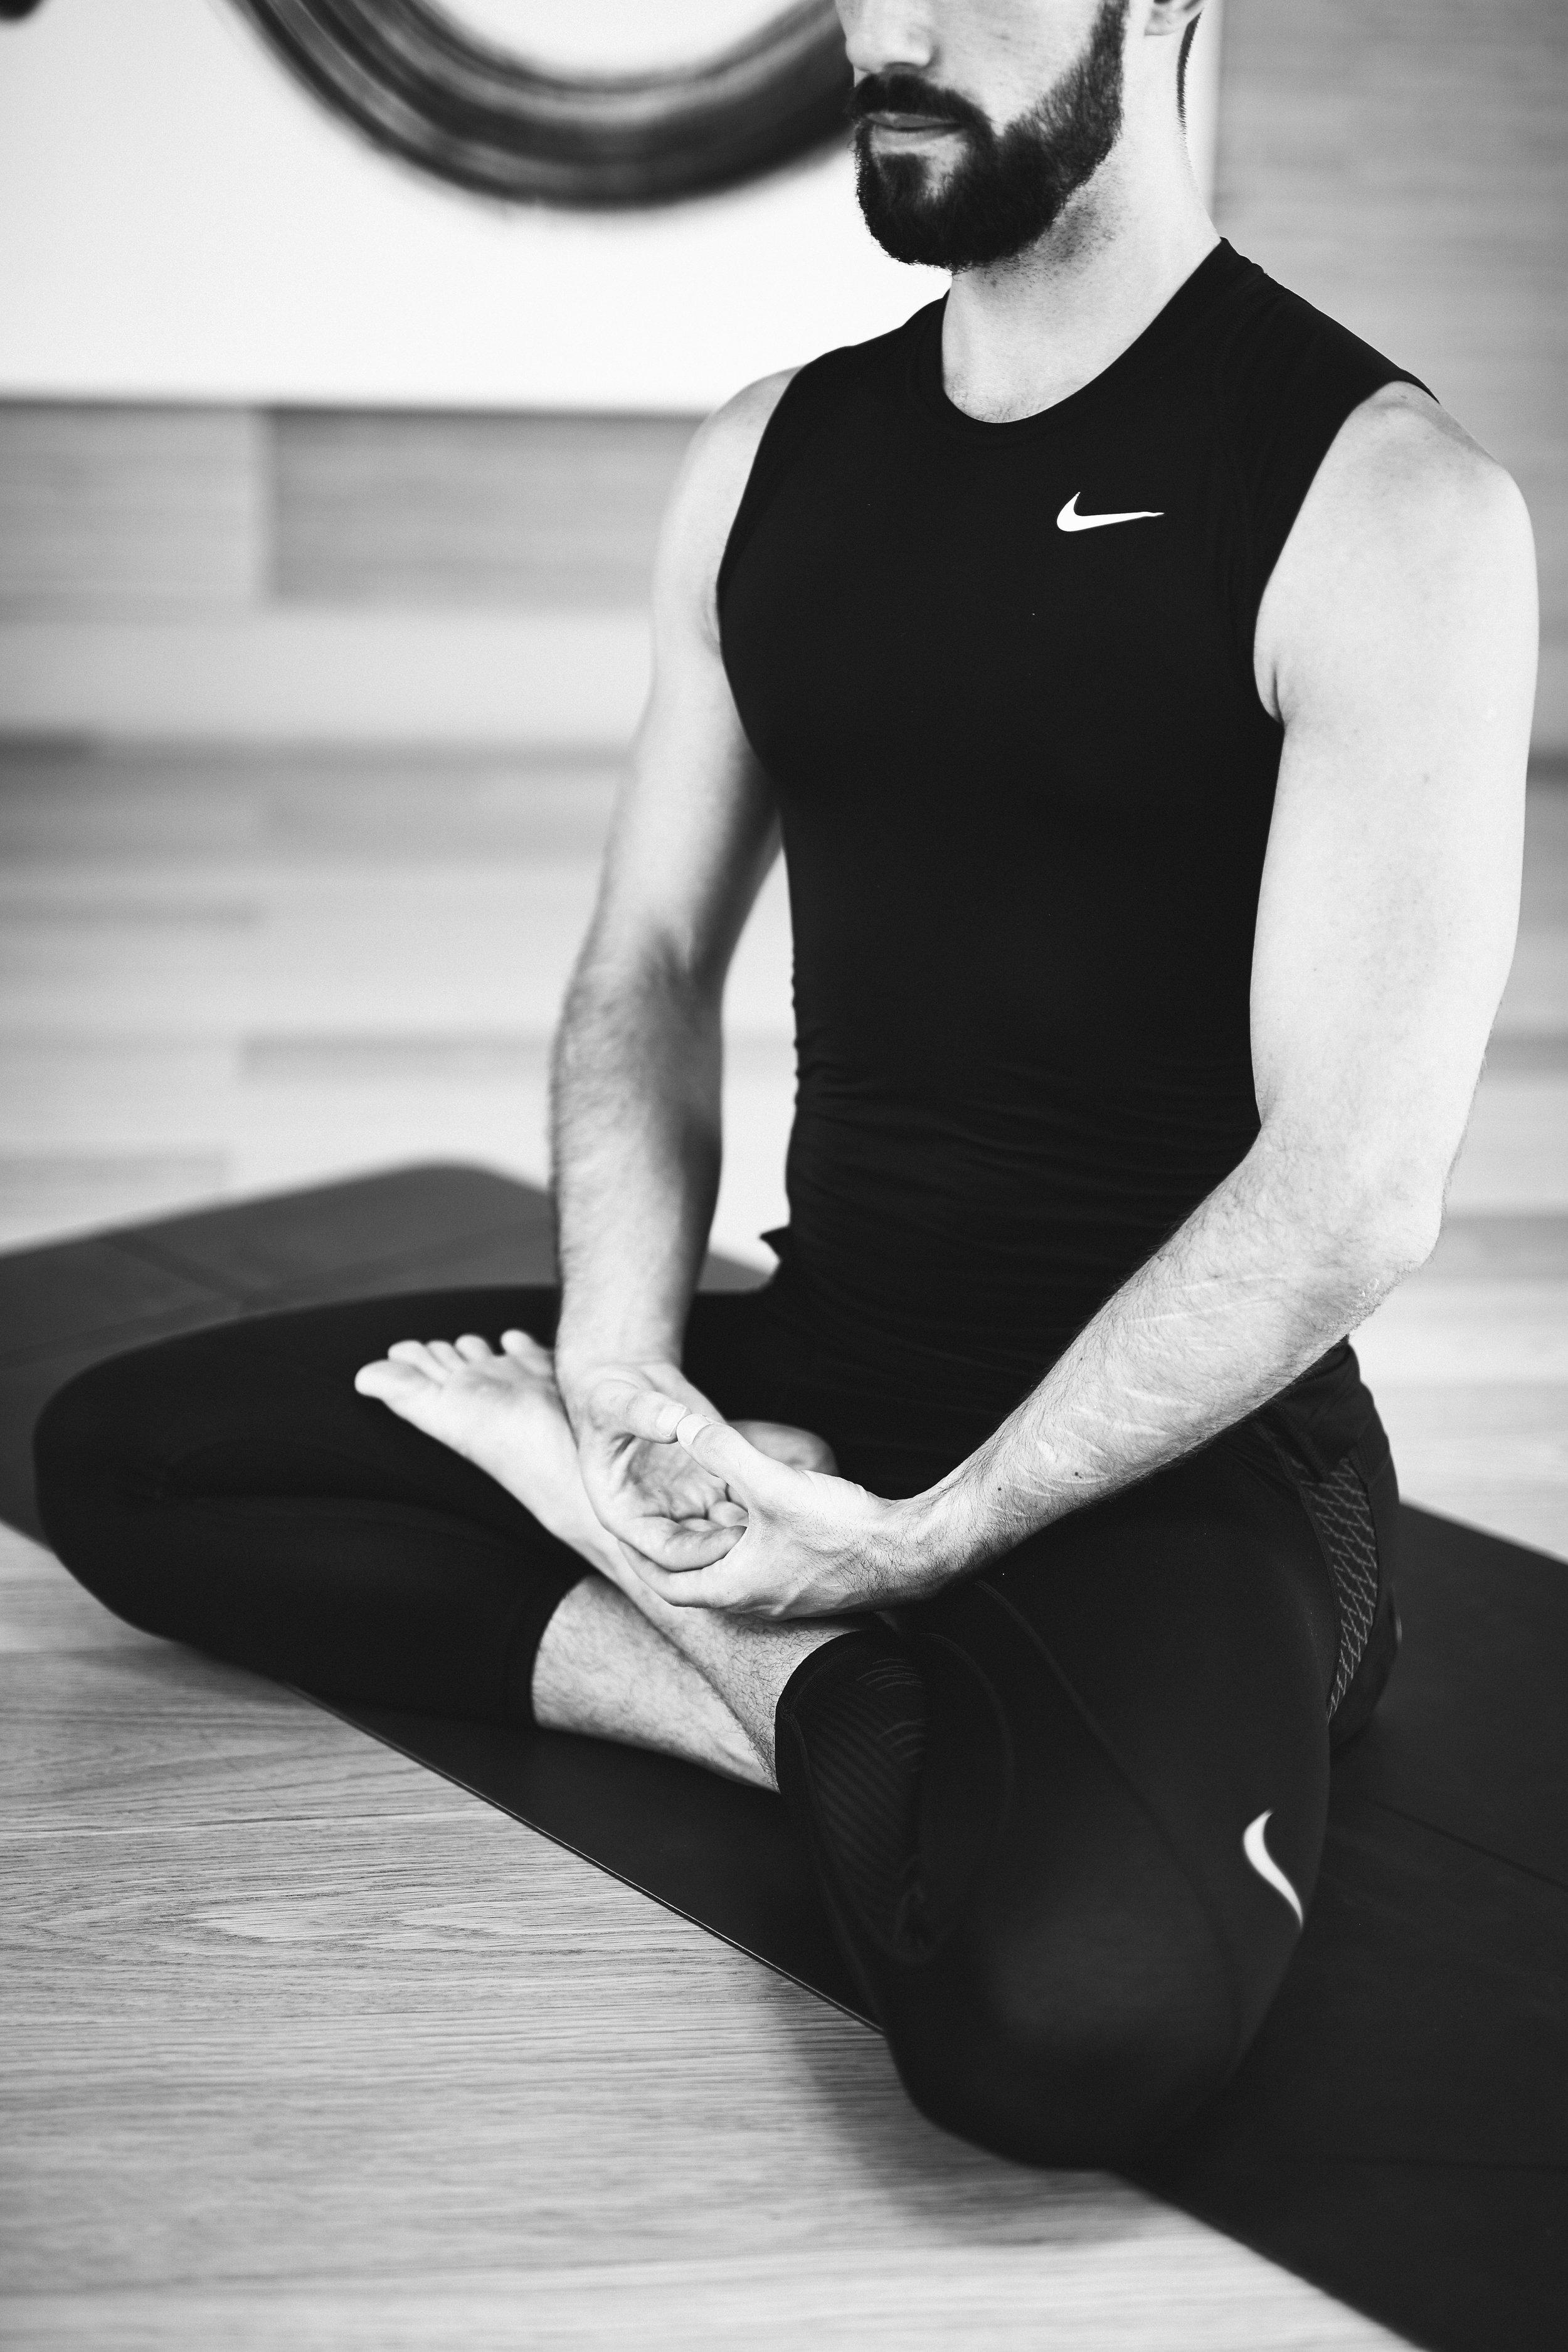 Man meditating. Zen meditation hand position